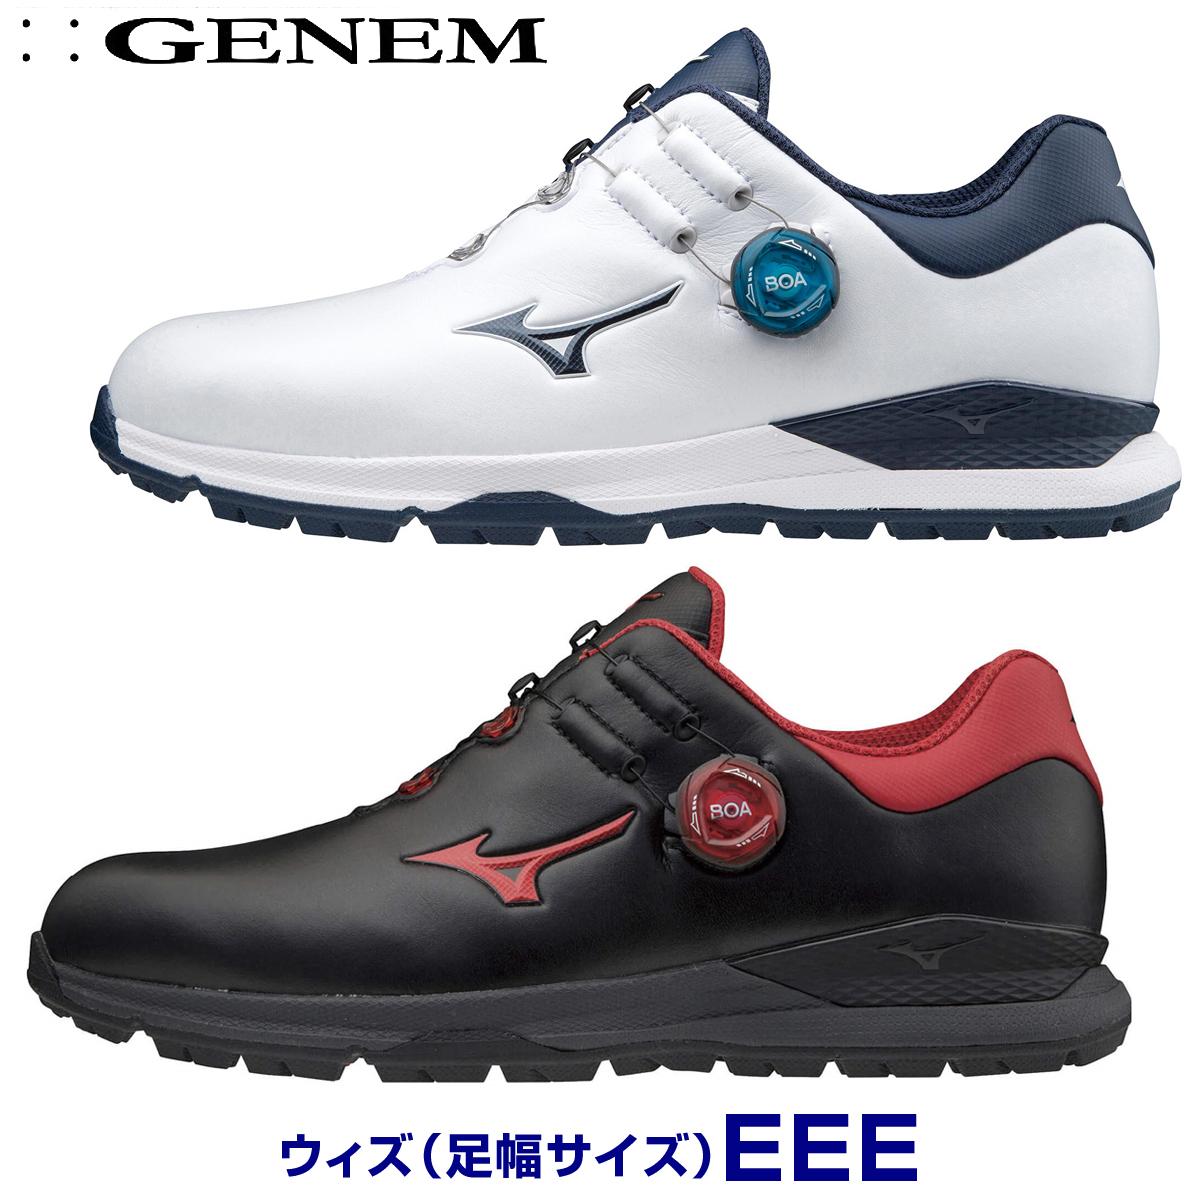 【3E】MIZUNO(ミズノゴルフ)日本正規品 GENEM010 BOA(ジェネムボア) スパイクレスゴルフシューズ 2020新製品 「51GM2000」 【あす楽対応】